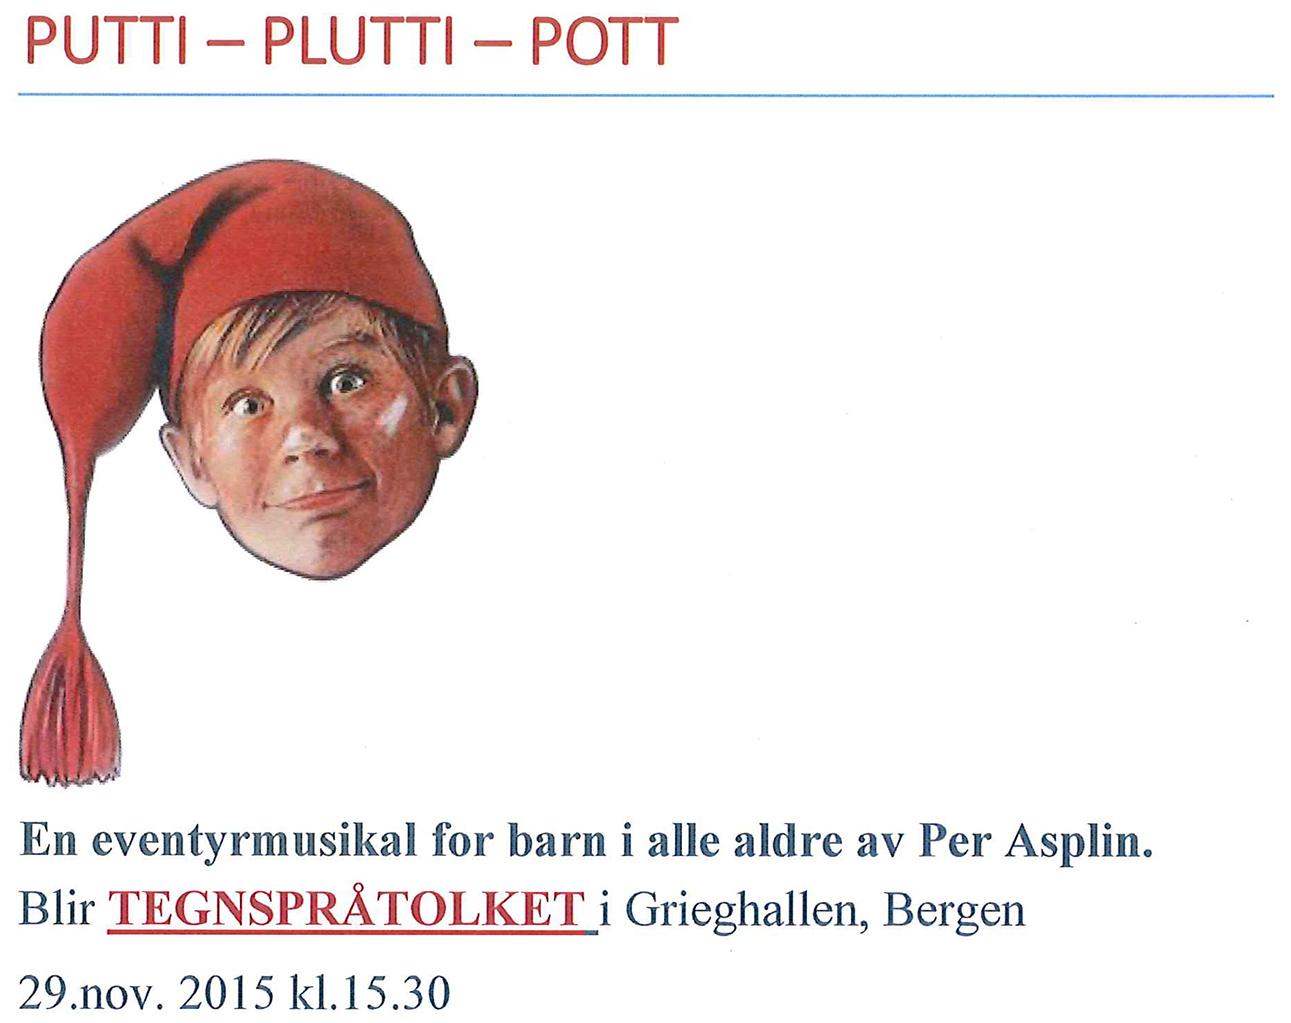 PuttiPutti